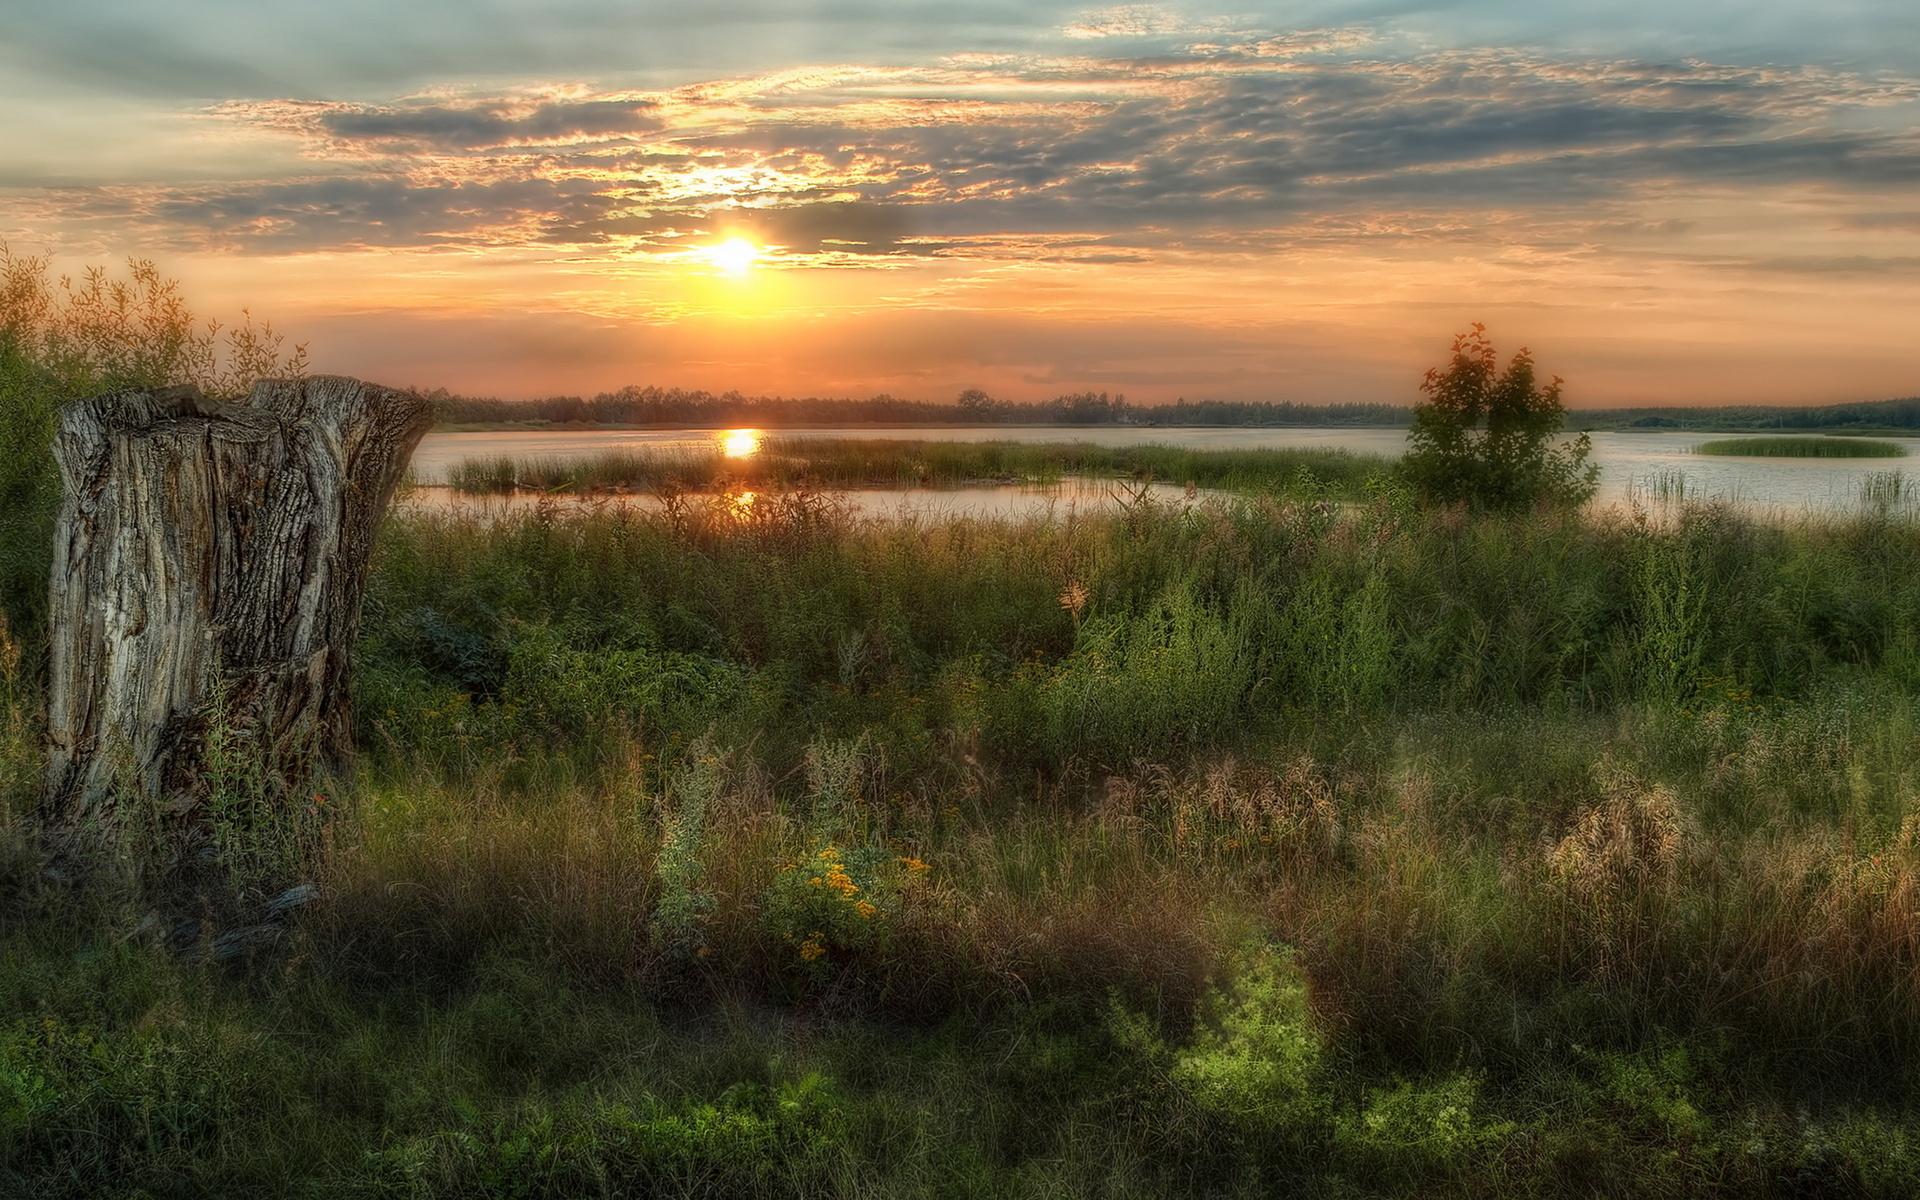 степь дом закат озеро трава загрузить